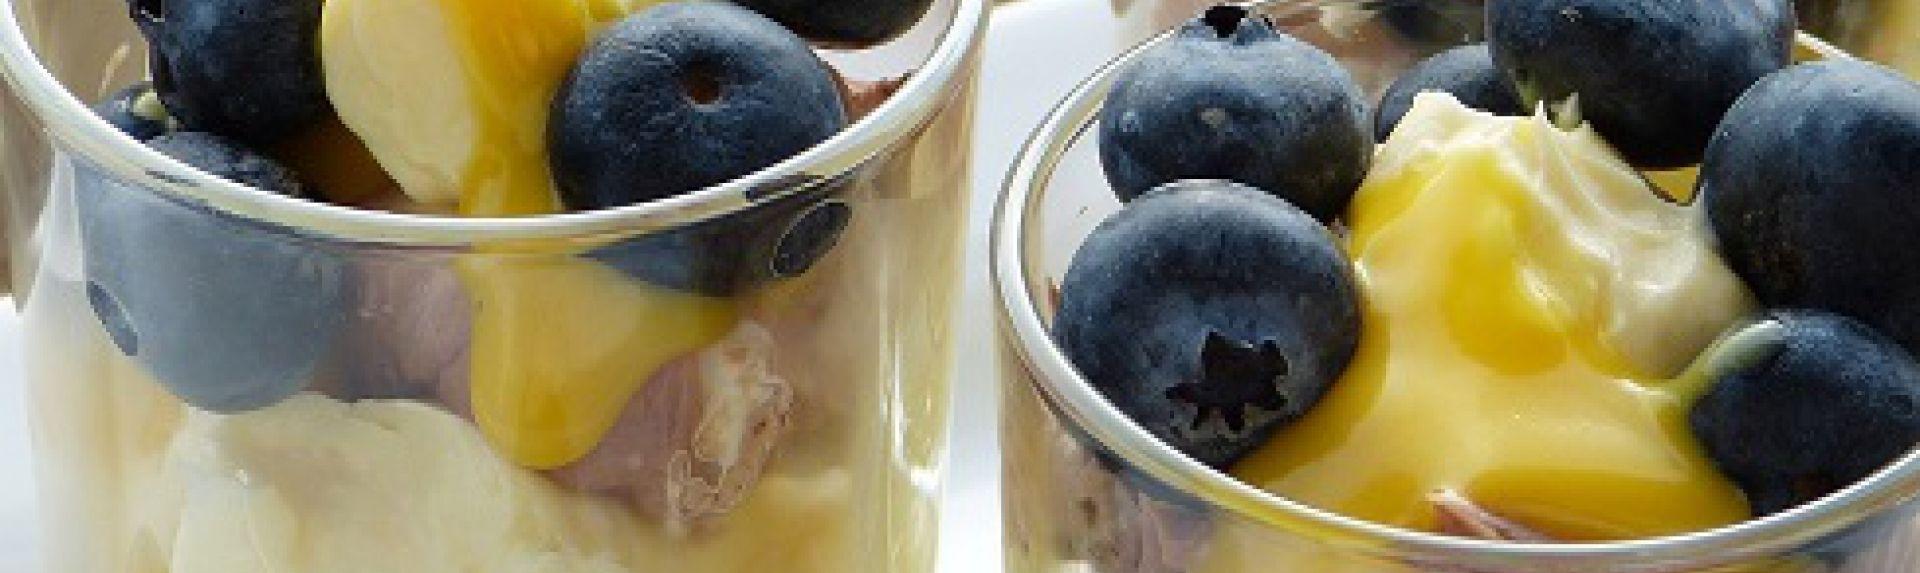 Женские витамины и климакс: что нужно организму в процессе перестройки?